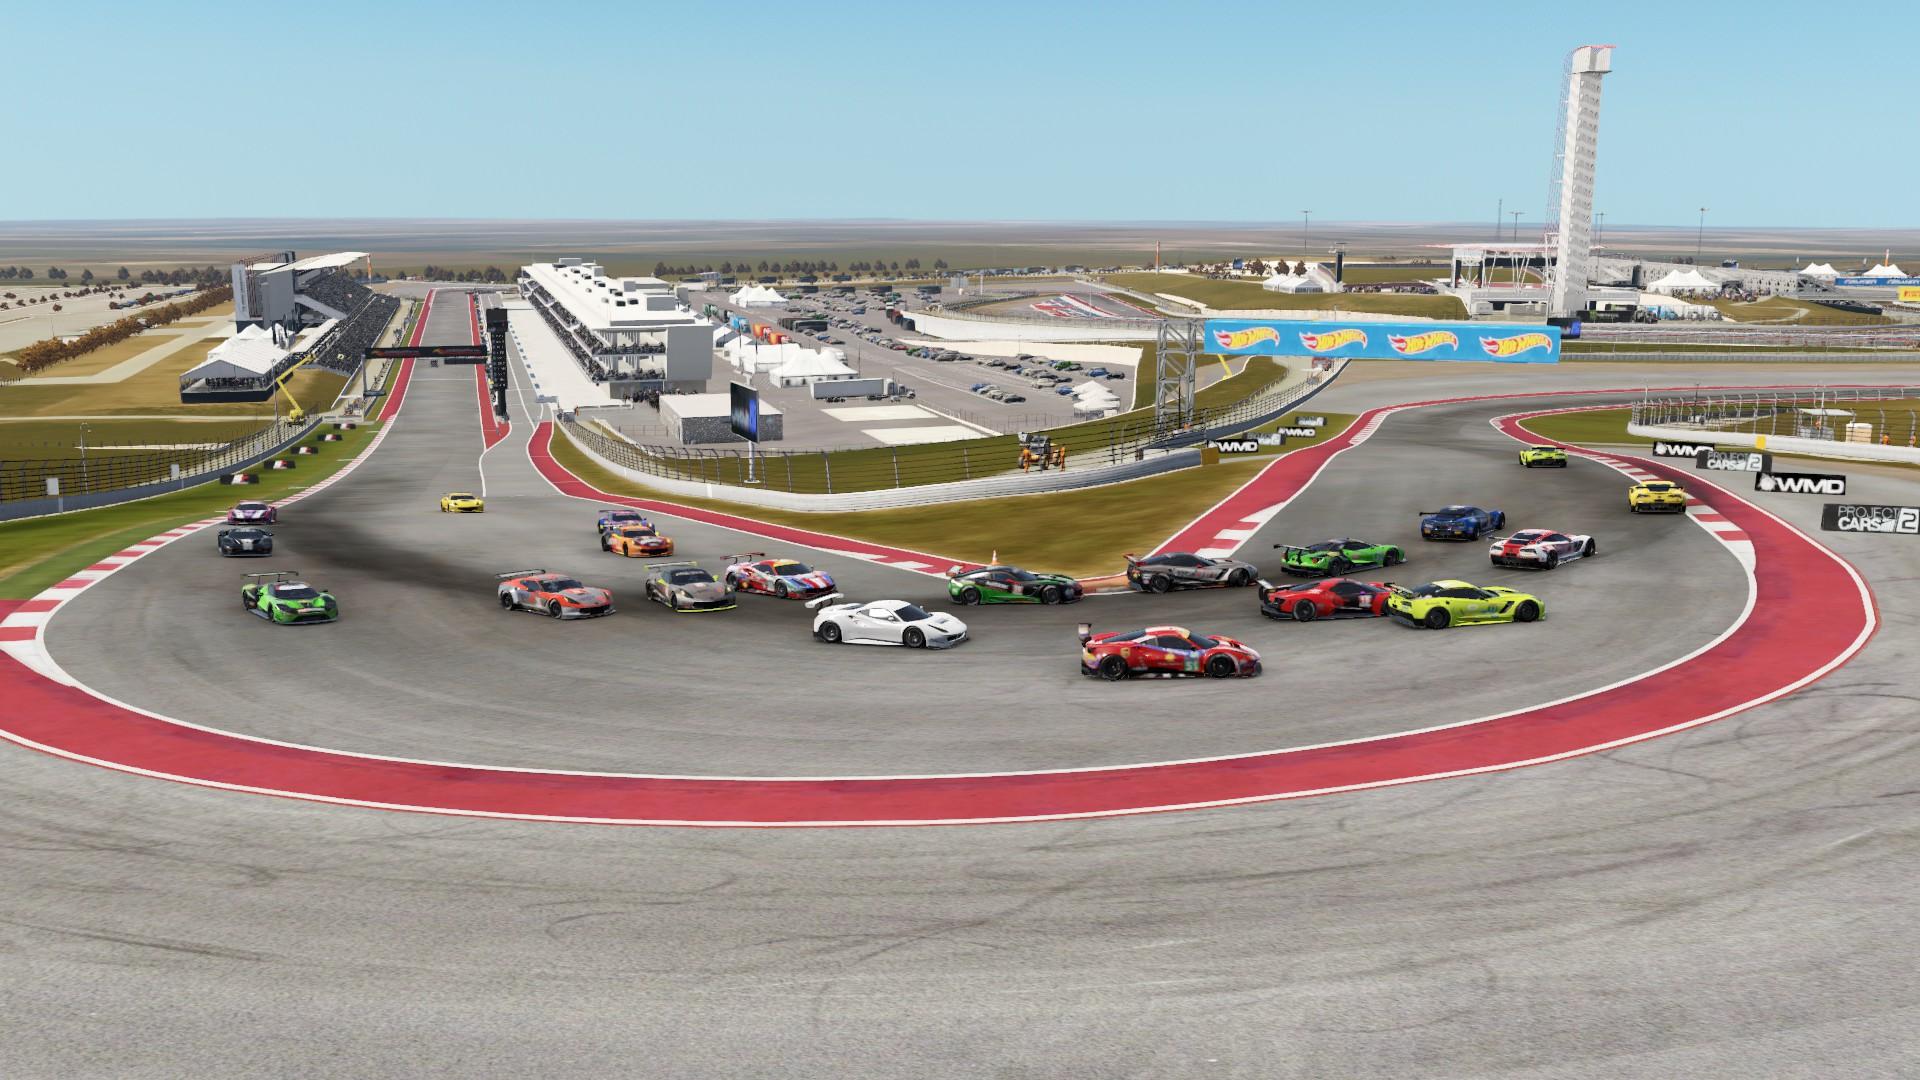 SGPC2 - Carrera 1 - Categoría GTE - Circuit Of The Américas - 20 de Septiembre 22:00h E8E7DEBBE070B1441D77BA43F1EBA09B9EB690F8